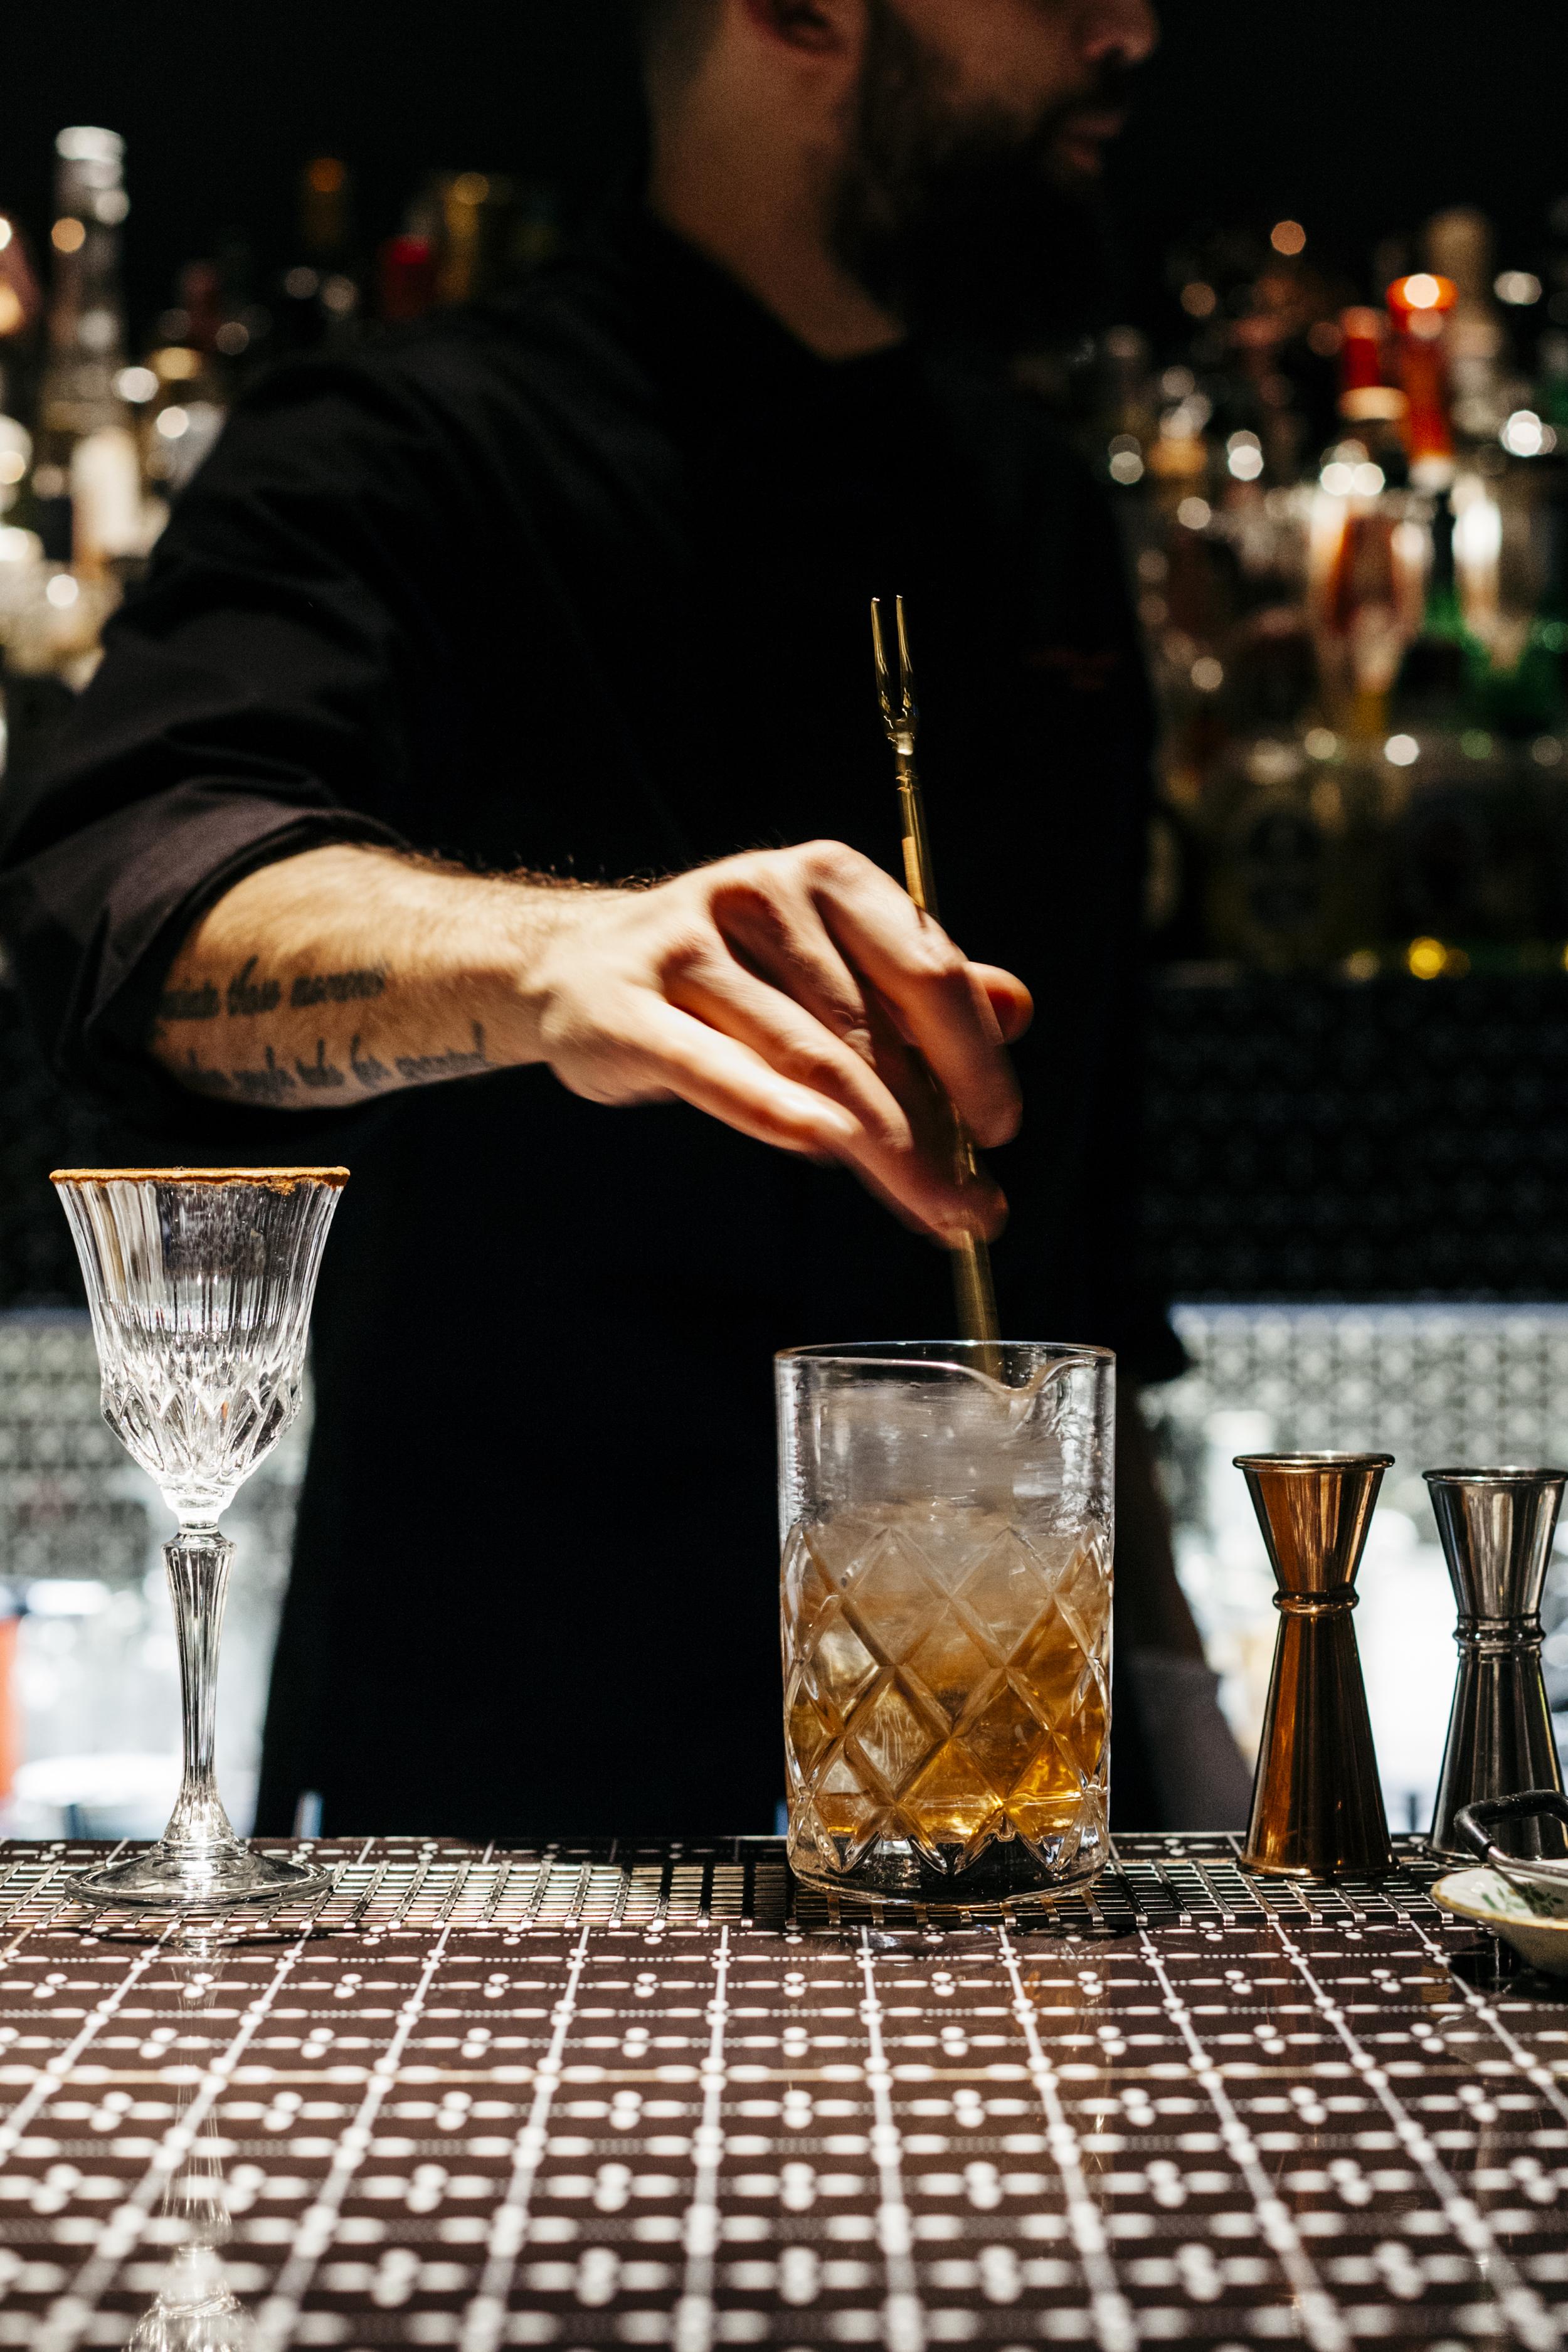 Carlo e Camilla in segheria - Bar